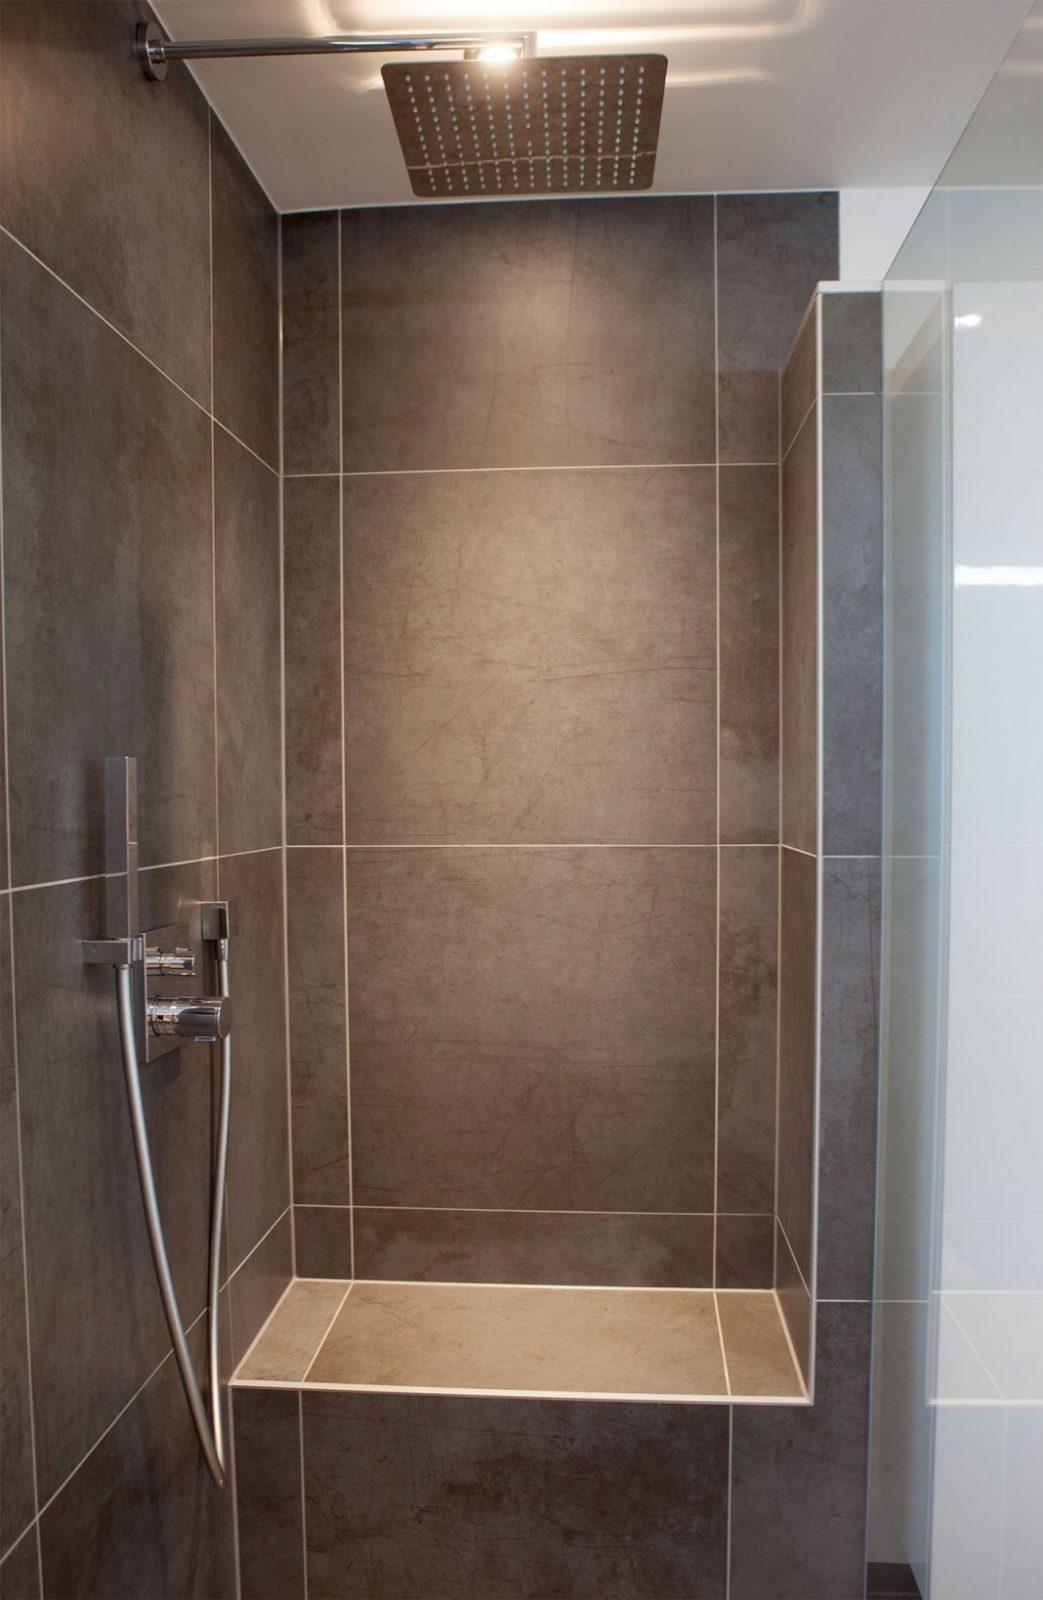 Begehbare Dusche Mit Sitzbank  New House Ideas In 2019  Begehbare von Begehbare Dusche Mit Sitzbank Bild